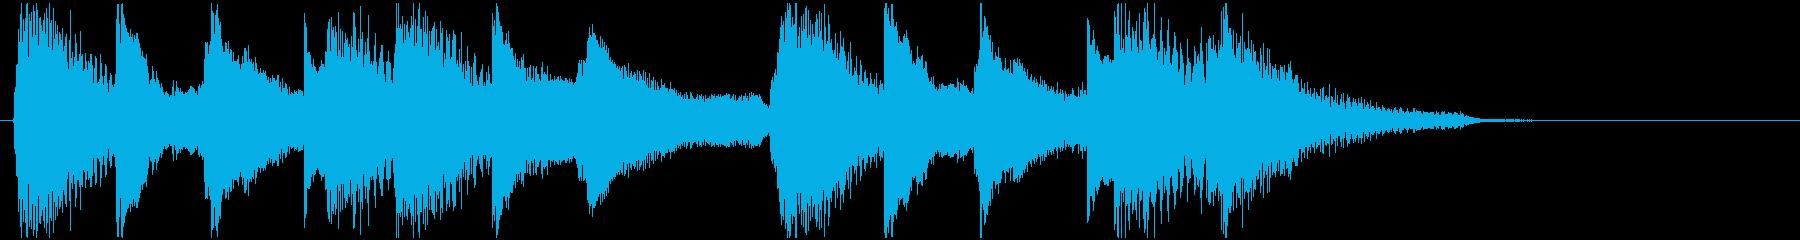 ピアノのみのジングルです。の再生済みの波形